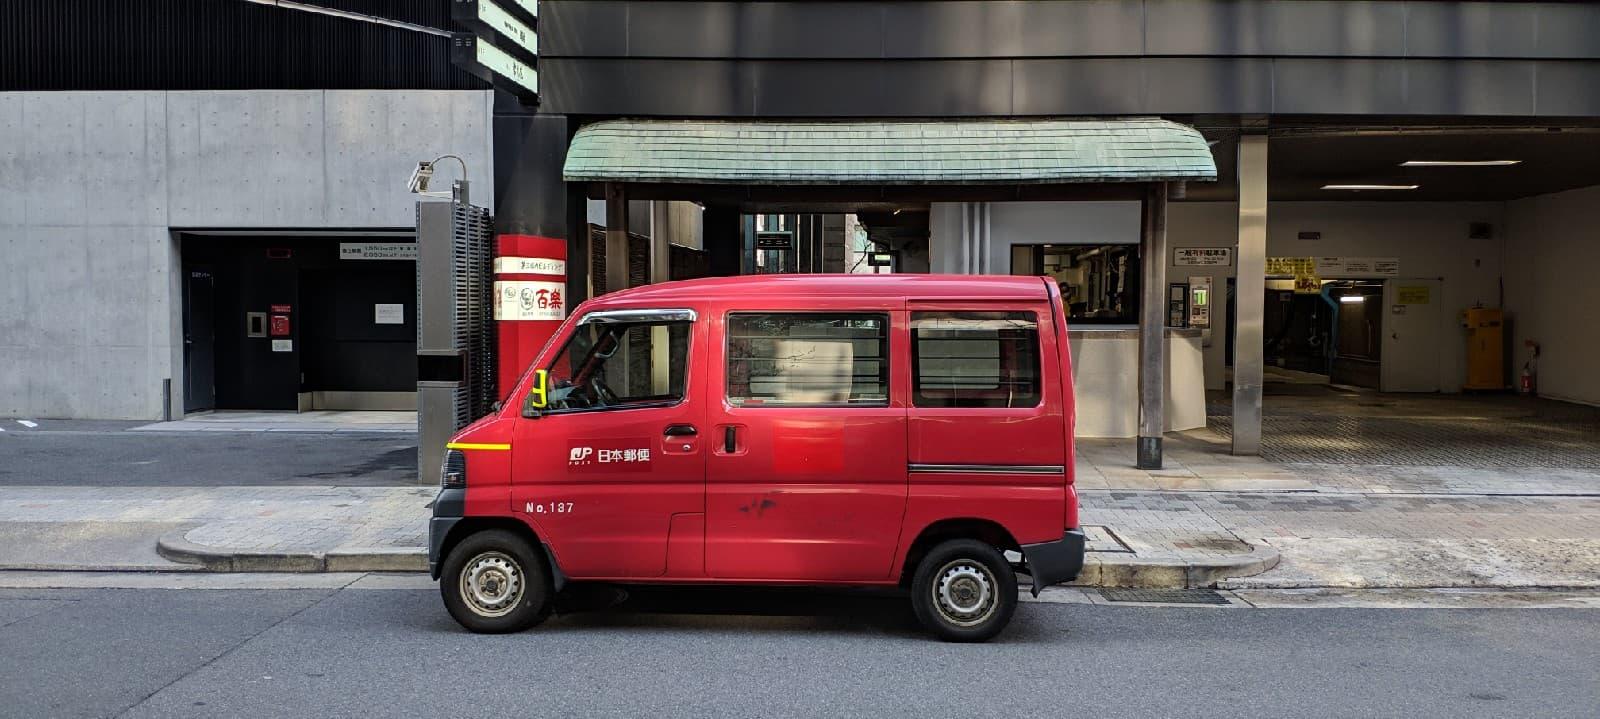 一人の体験2.0(二)——大学生穷游日本2019